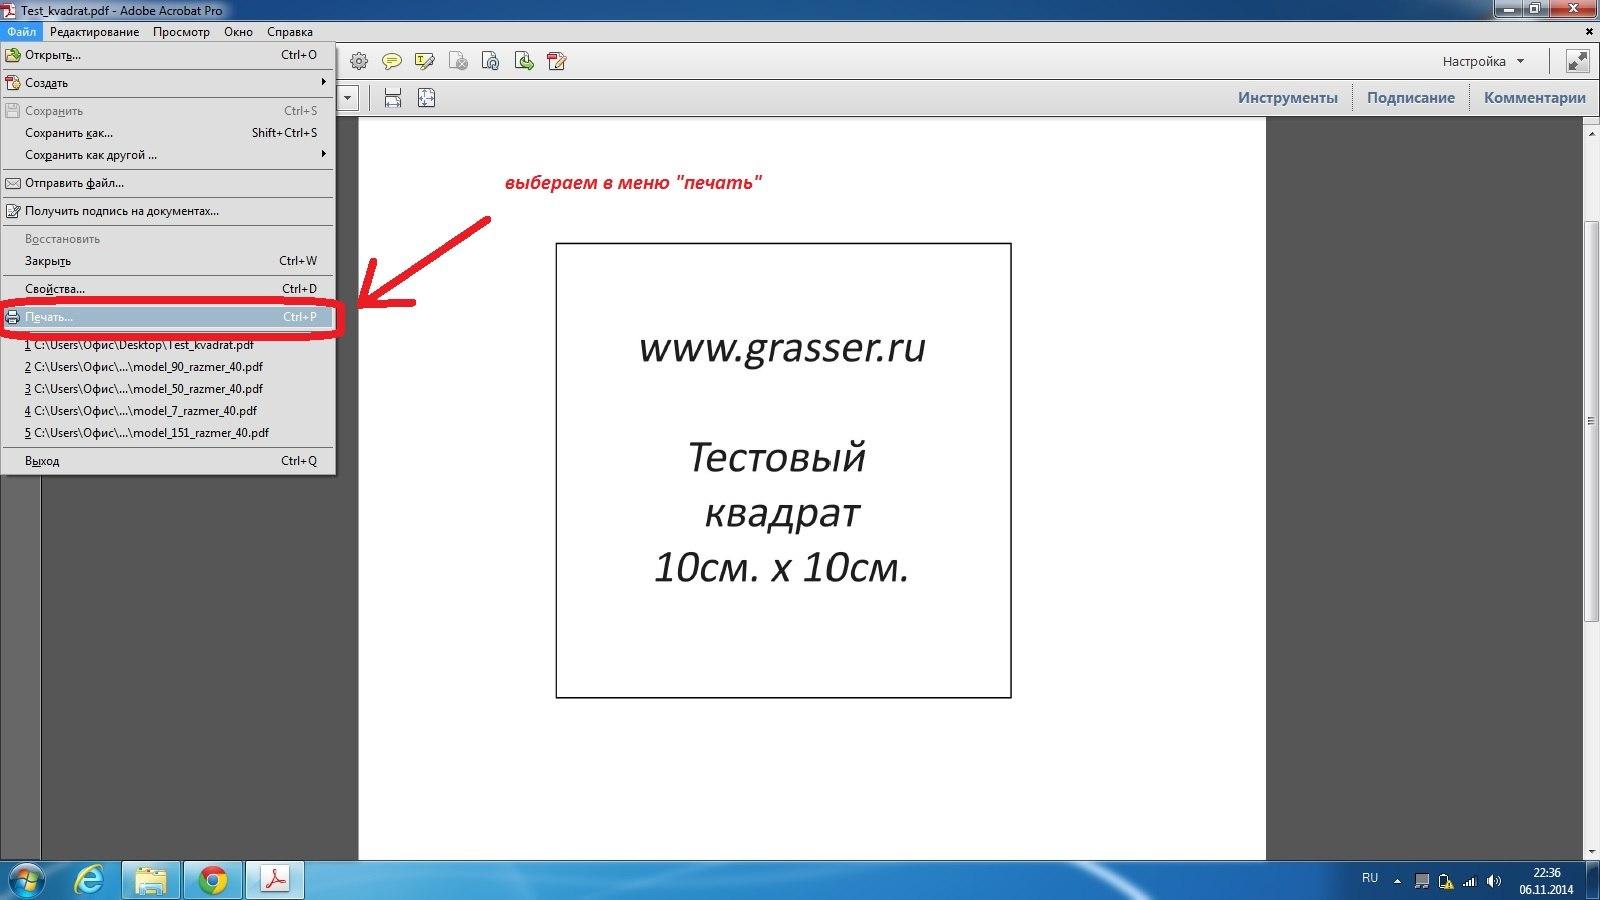 Как распечатать выкройку GRASSER